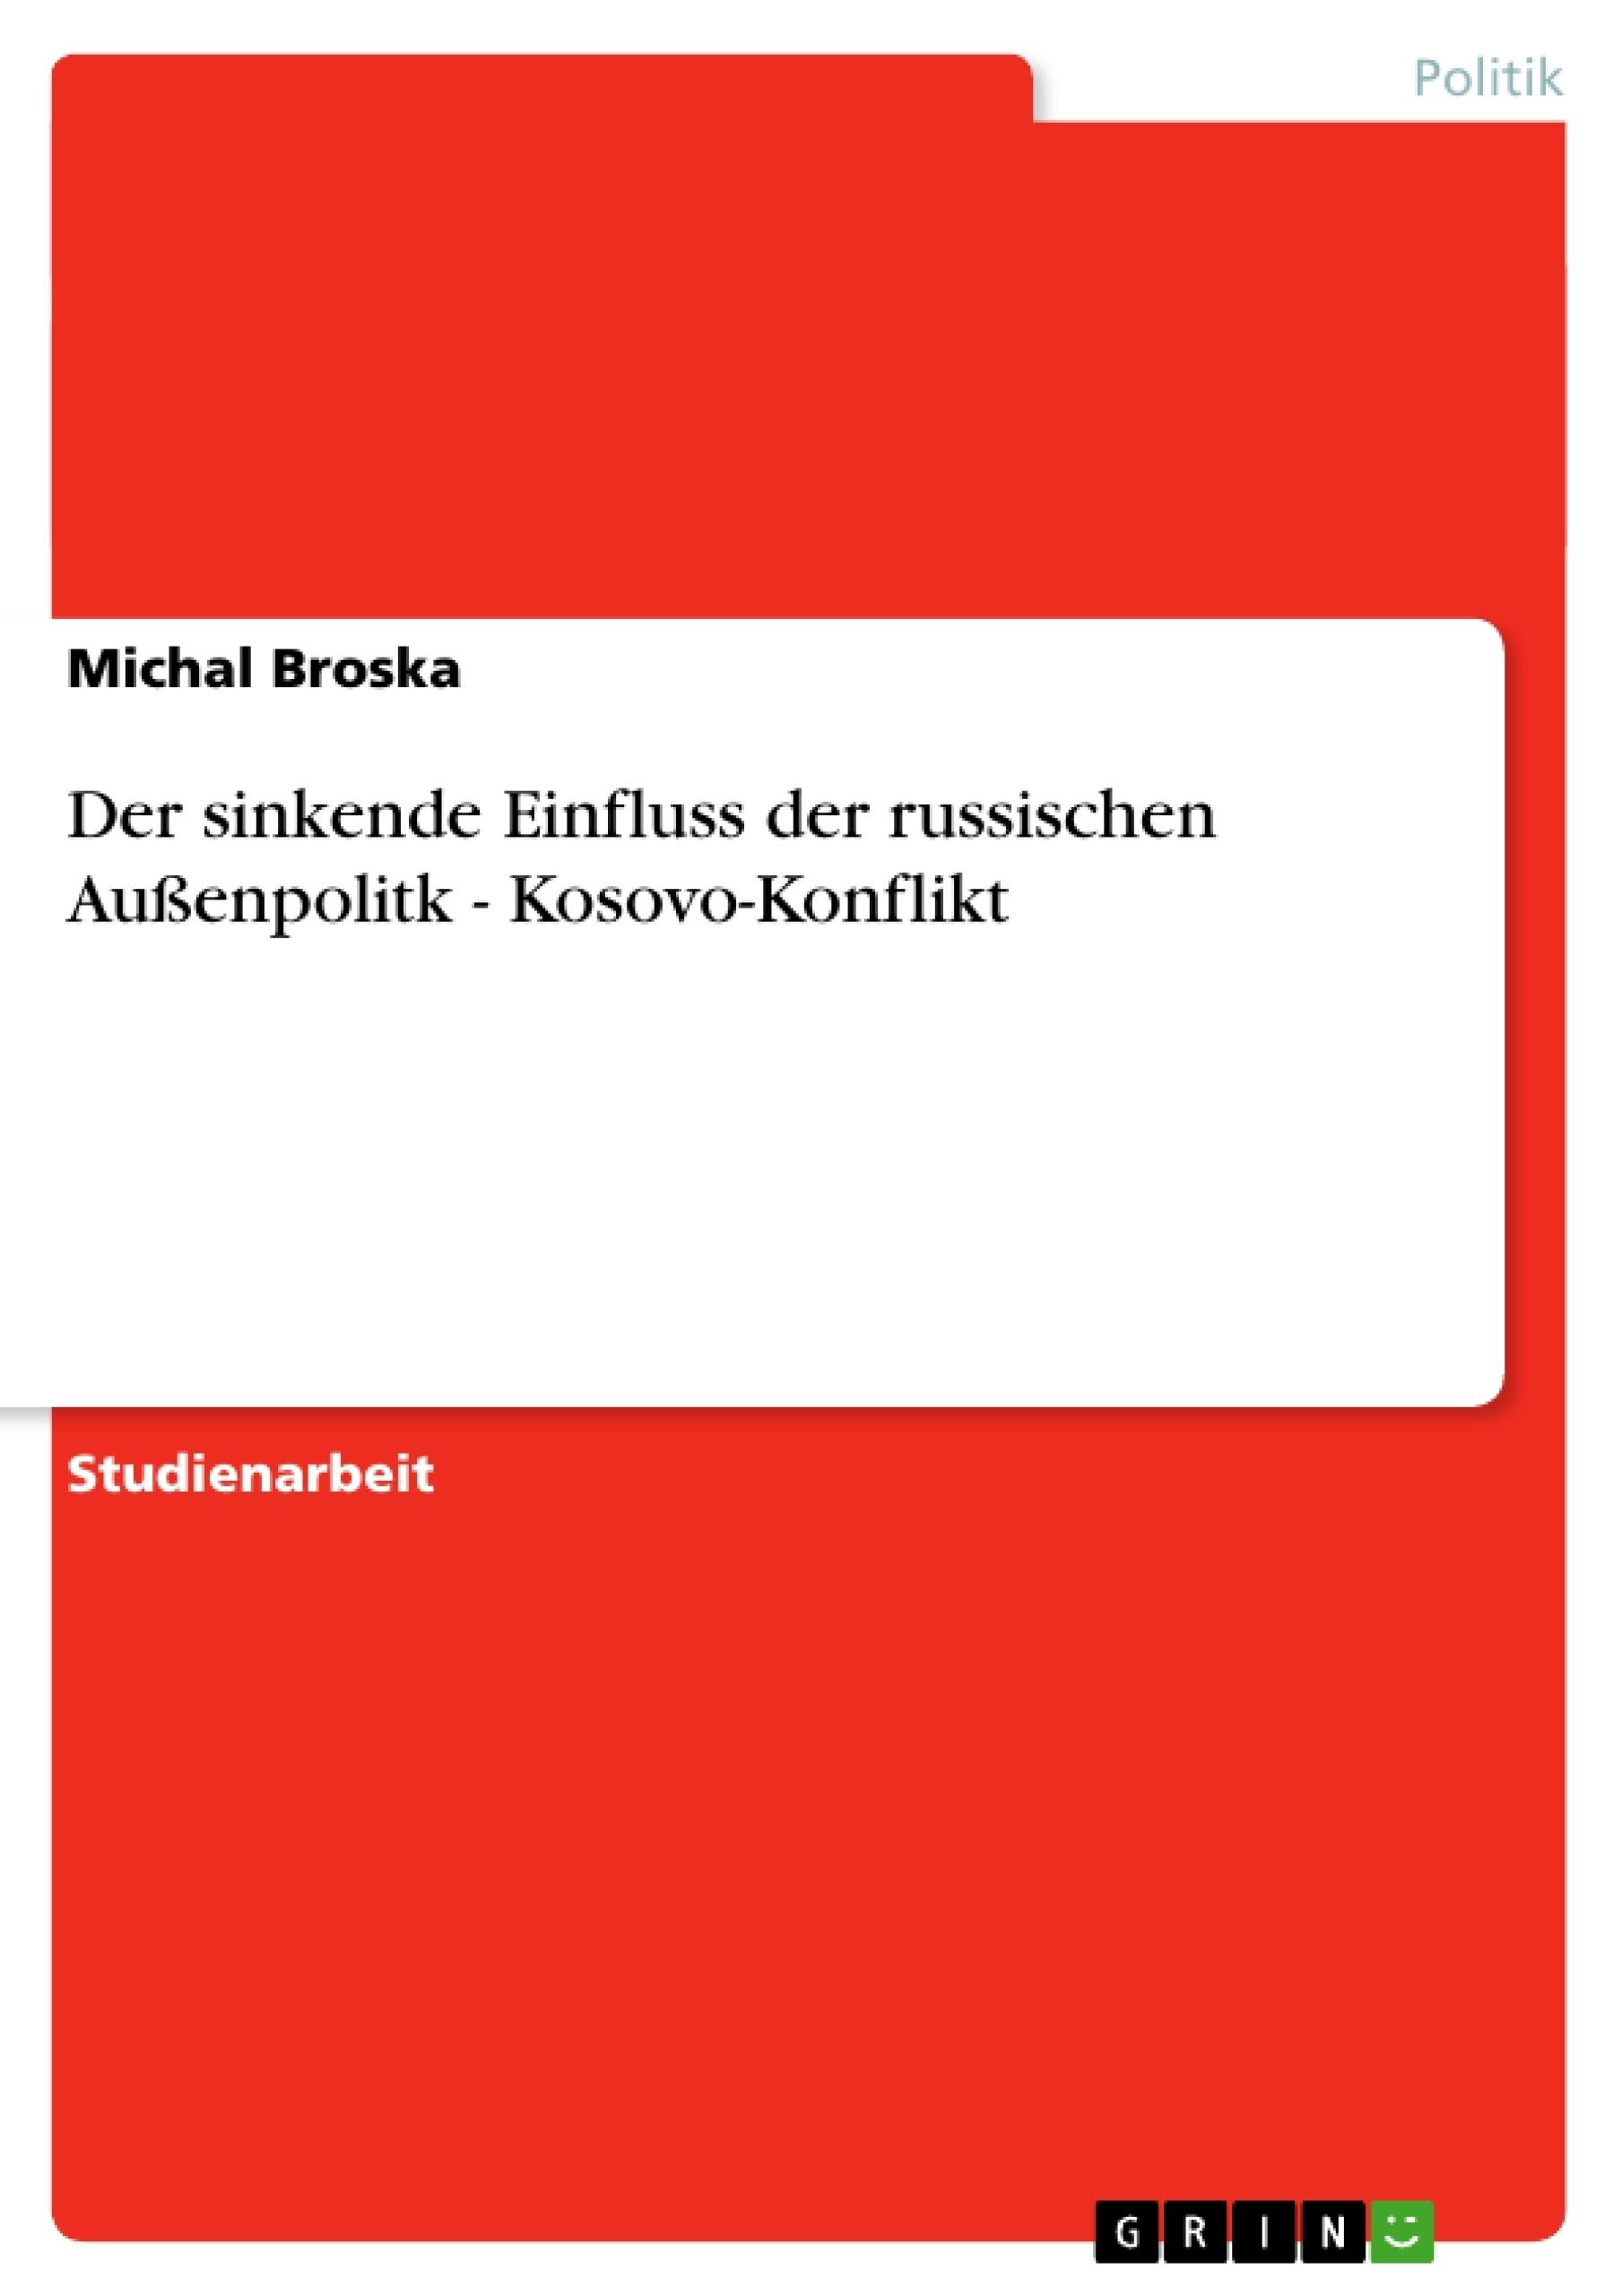 Titel: Der sinkende Einfluss der russischen Außenpolitk - Kosovo-Konflikt